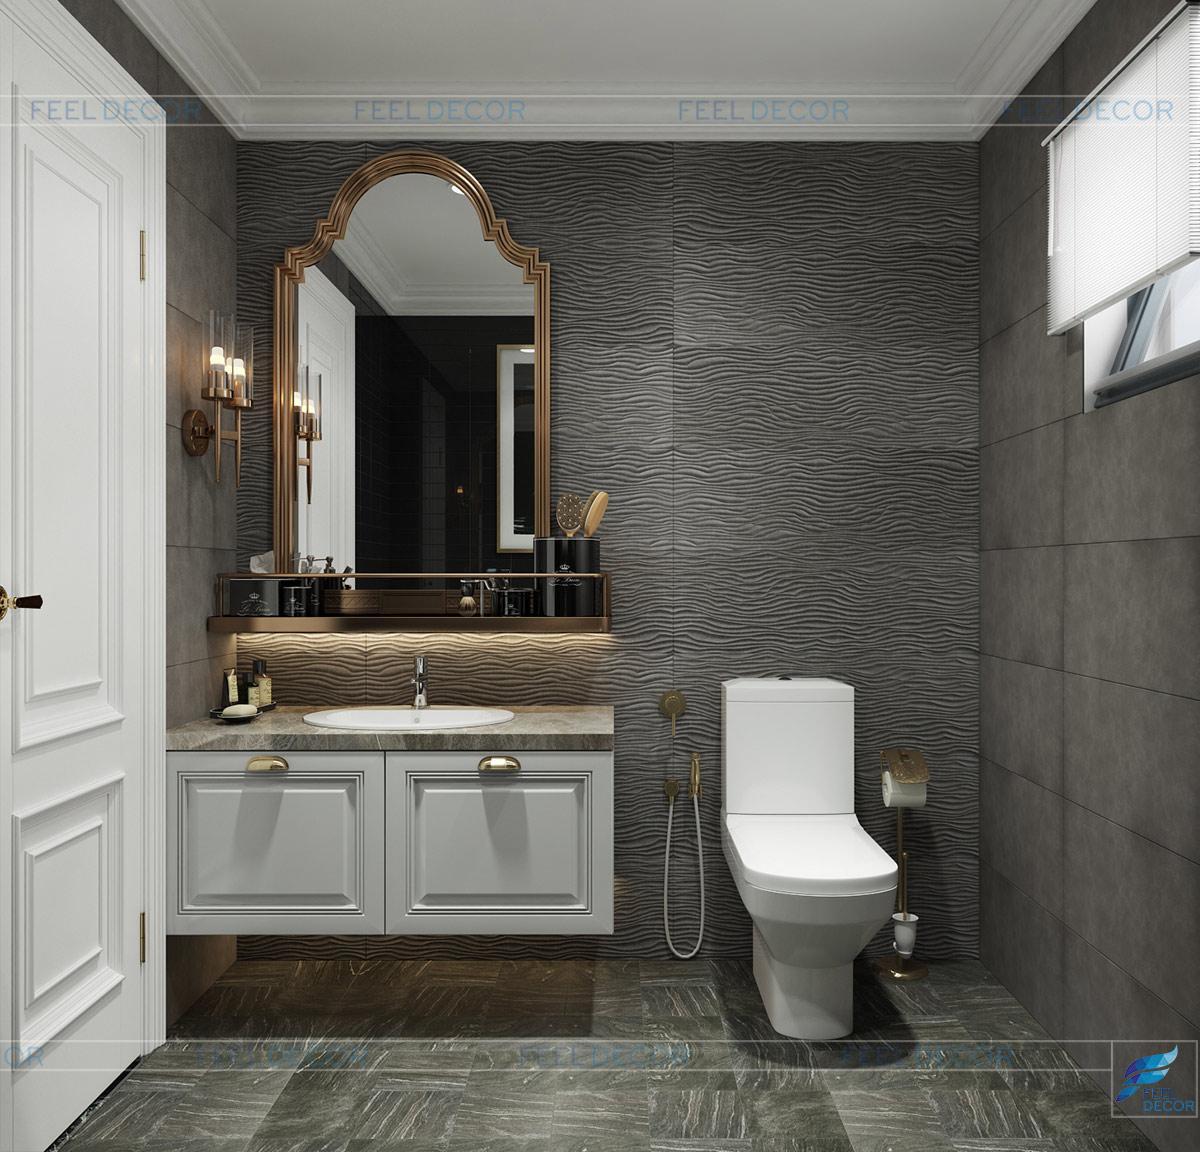 Thiết kế nội thất phòng vệ sinh căn hộ chung cư Sài Gòn South Phú Mỹ Hưng